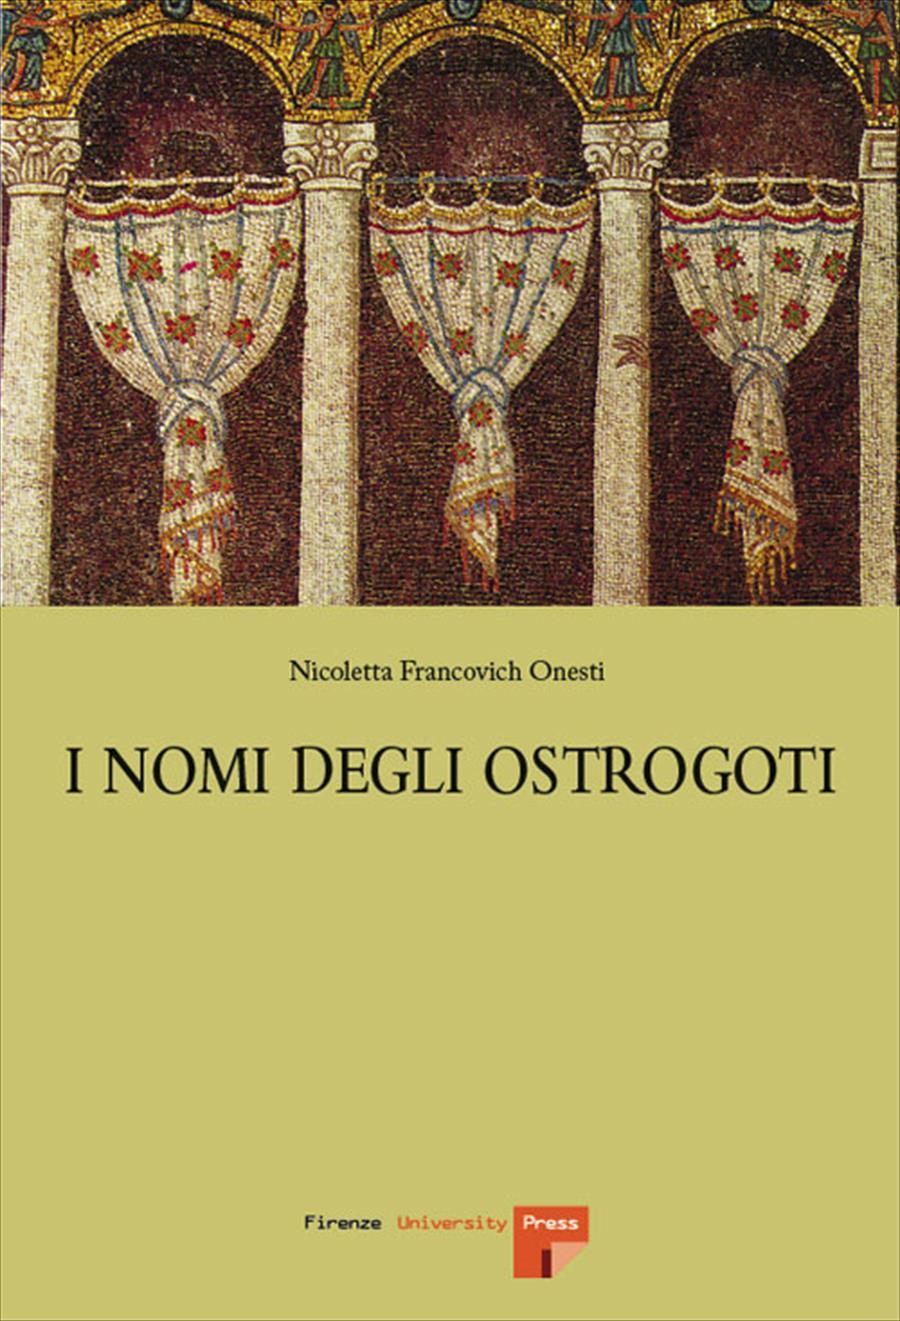 I nomi degli Ostrogoti